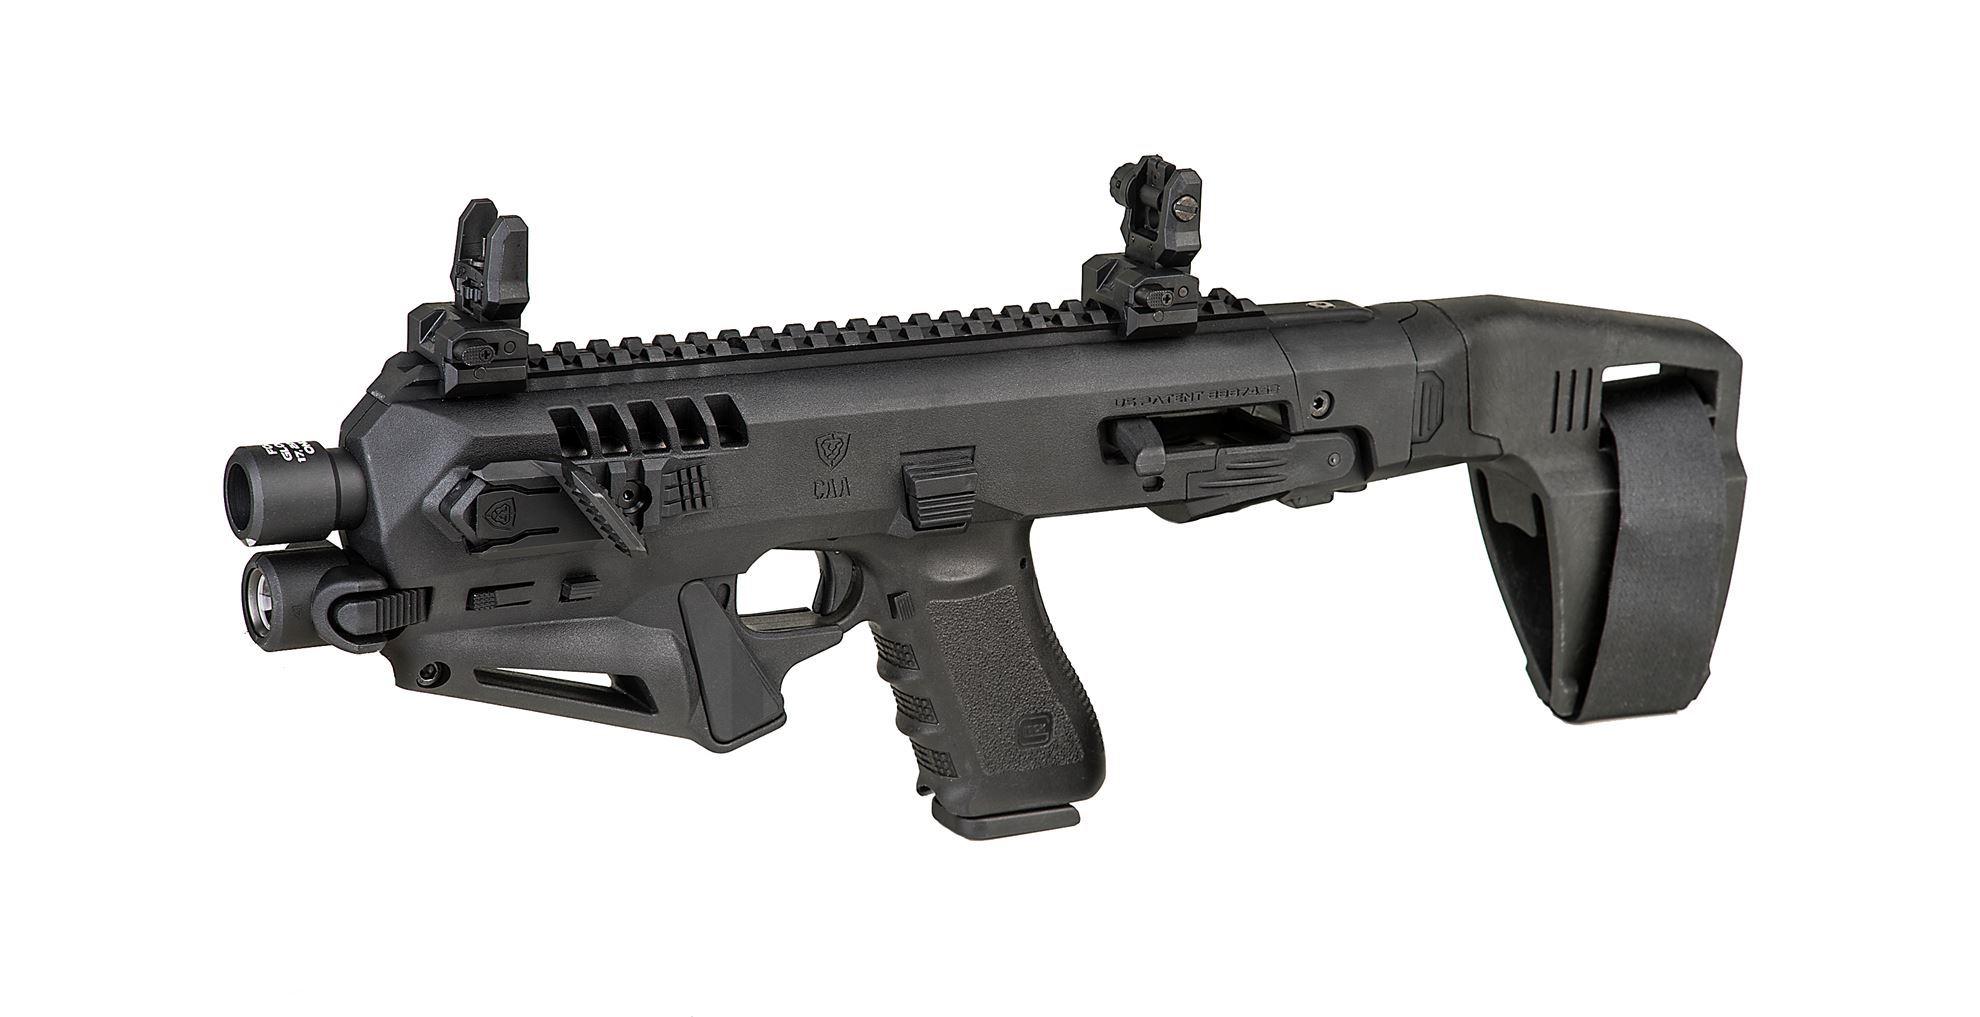 Micro Roni w/ Glock 17 Gen 4 Image